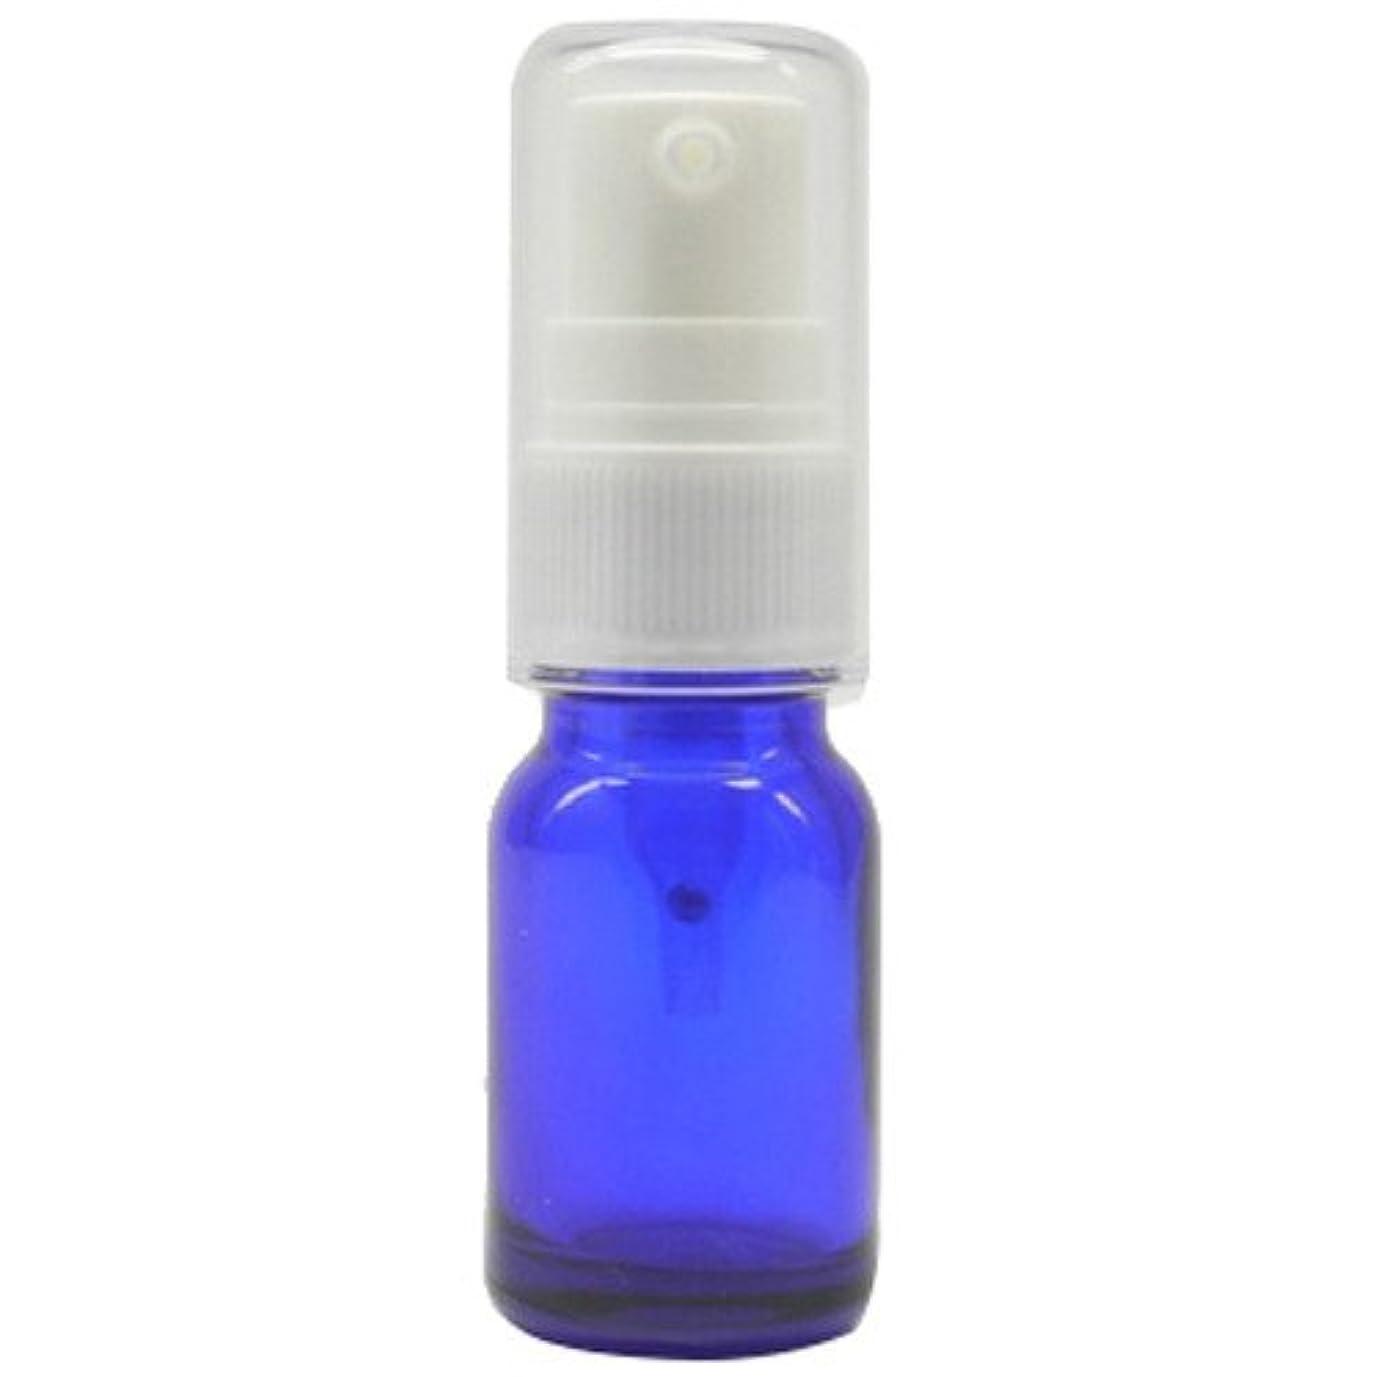 業界科学的アミューズメントアロマアンドライフ (D)ブルーポンプ瓶10ml 3本セット